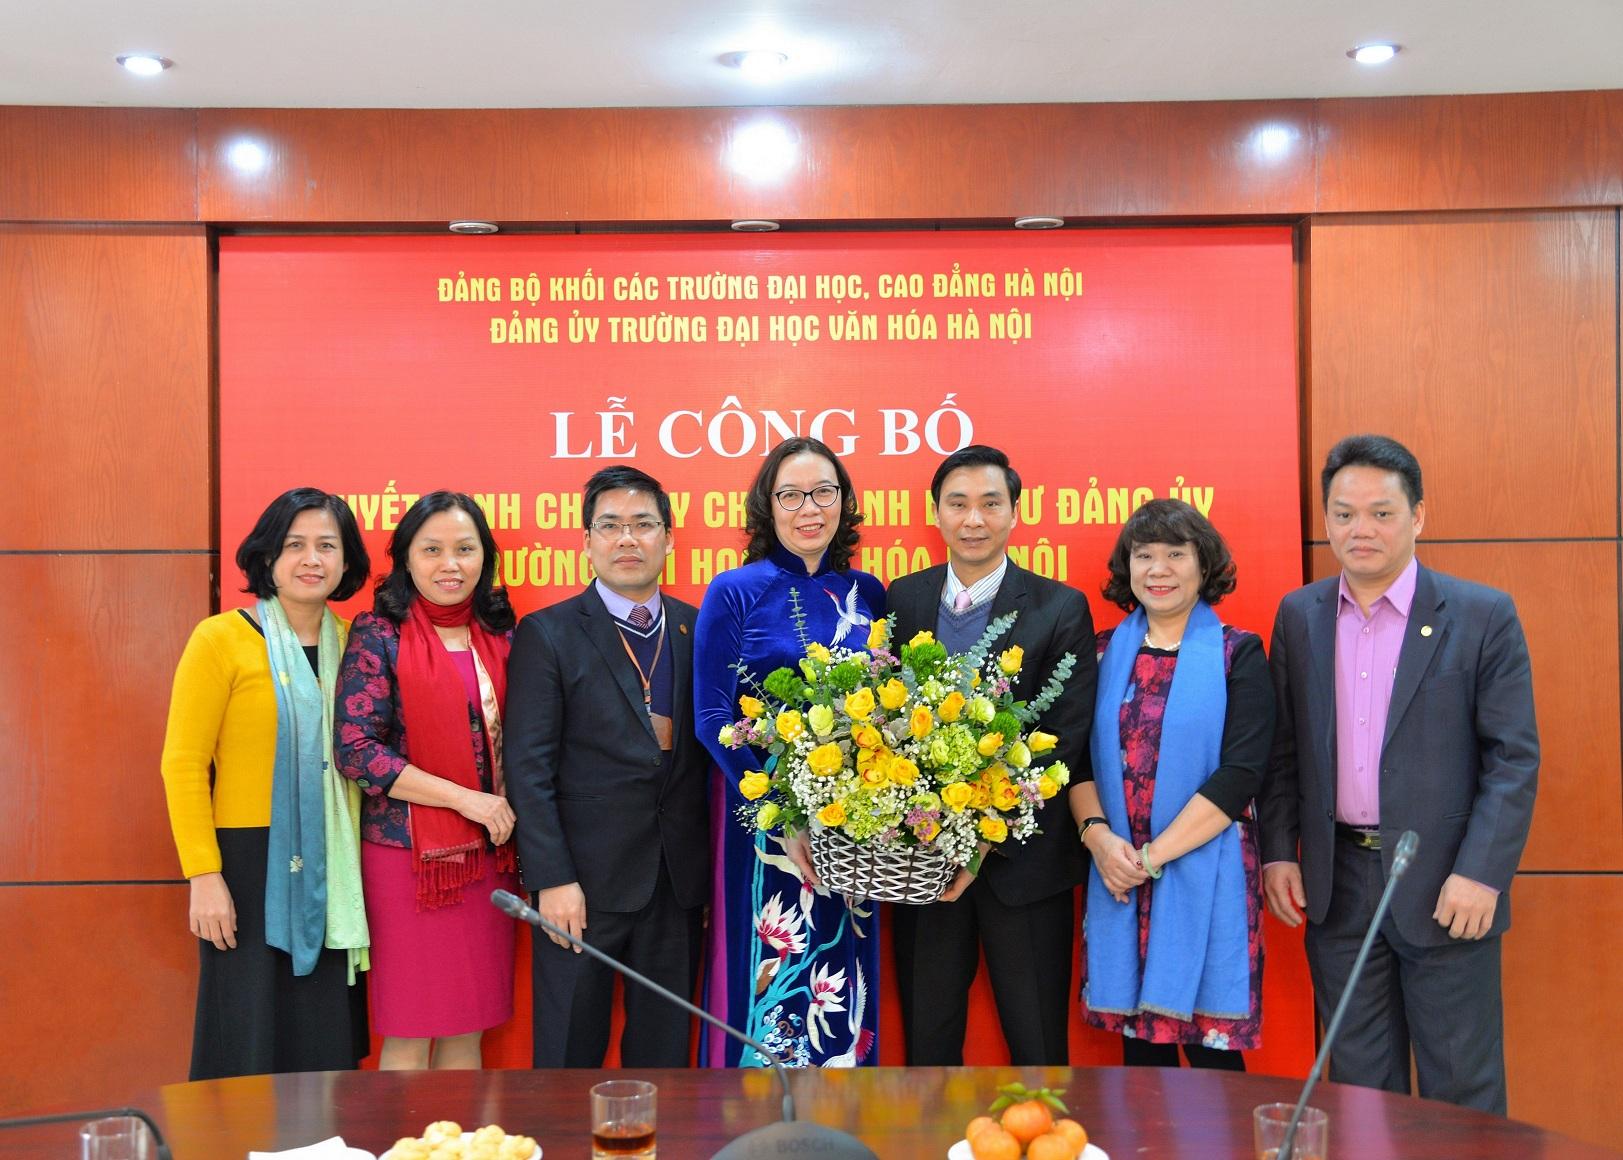 Công bố Quyết định chuẩn y chức danh Bí thư Đảng ủy Trường Đại học Văn hóa Hà Nội cho Hiệu trưởng Phạm Thị Thu Hương